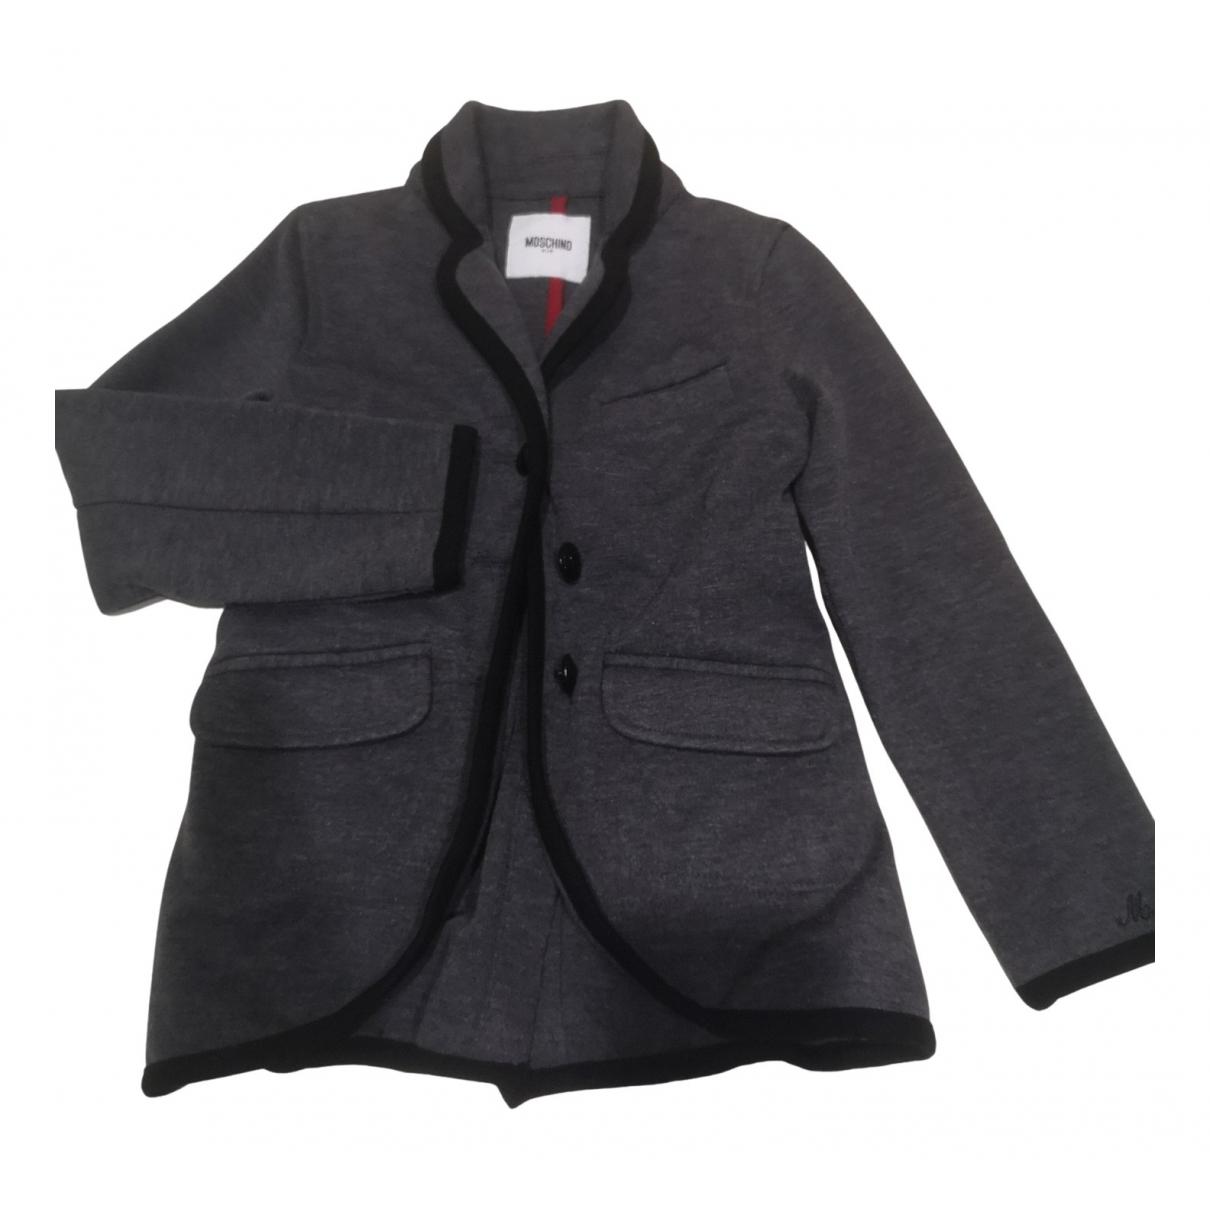 Moschino - Blousons.Manteaux   pour enfant - gris